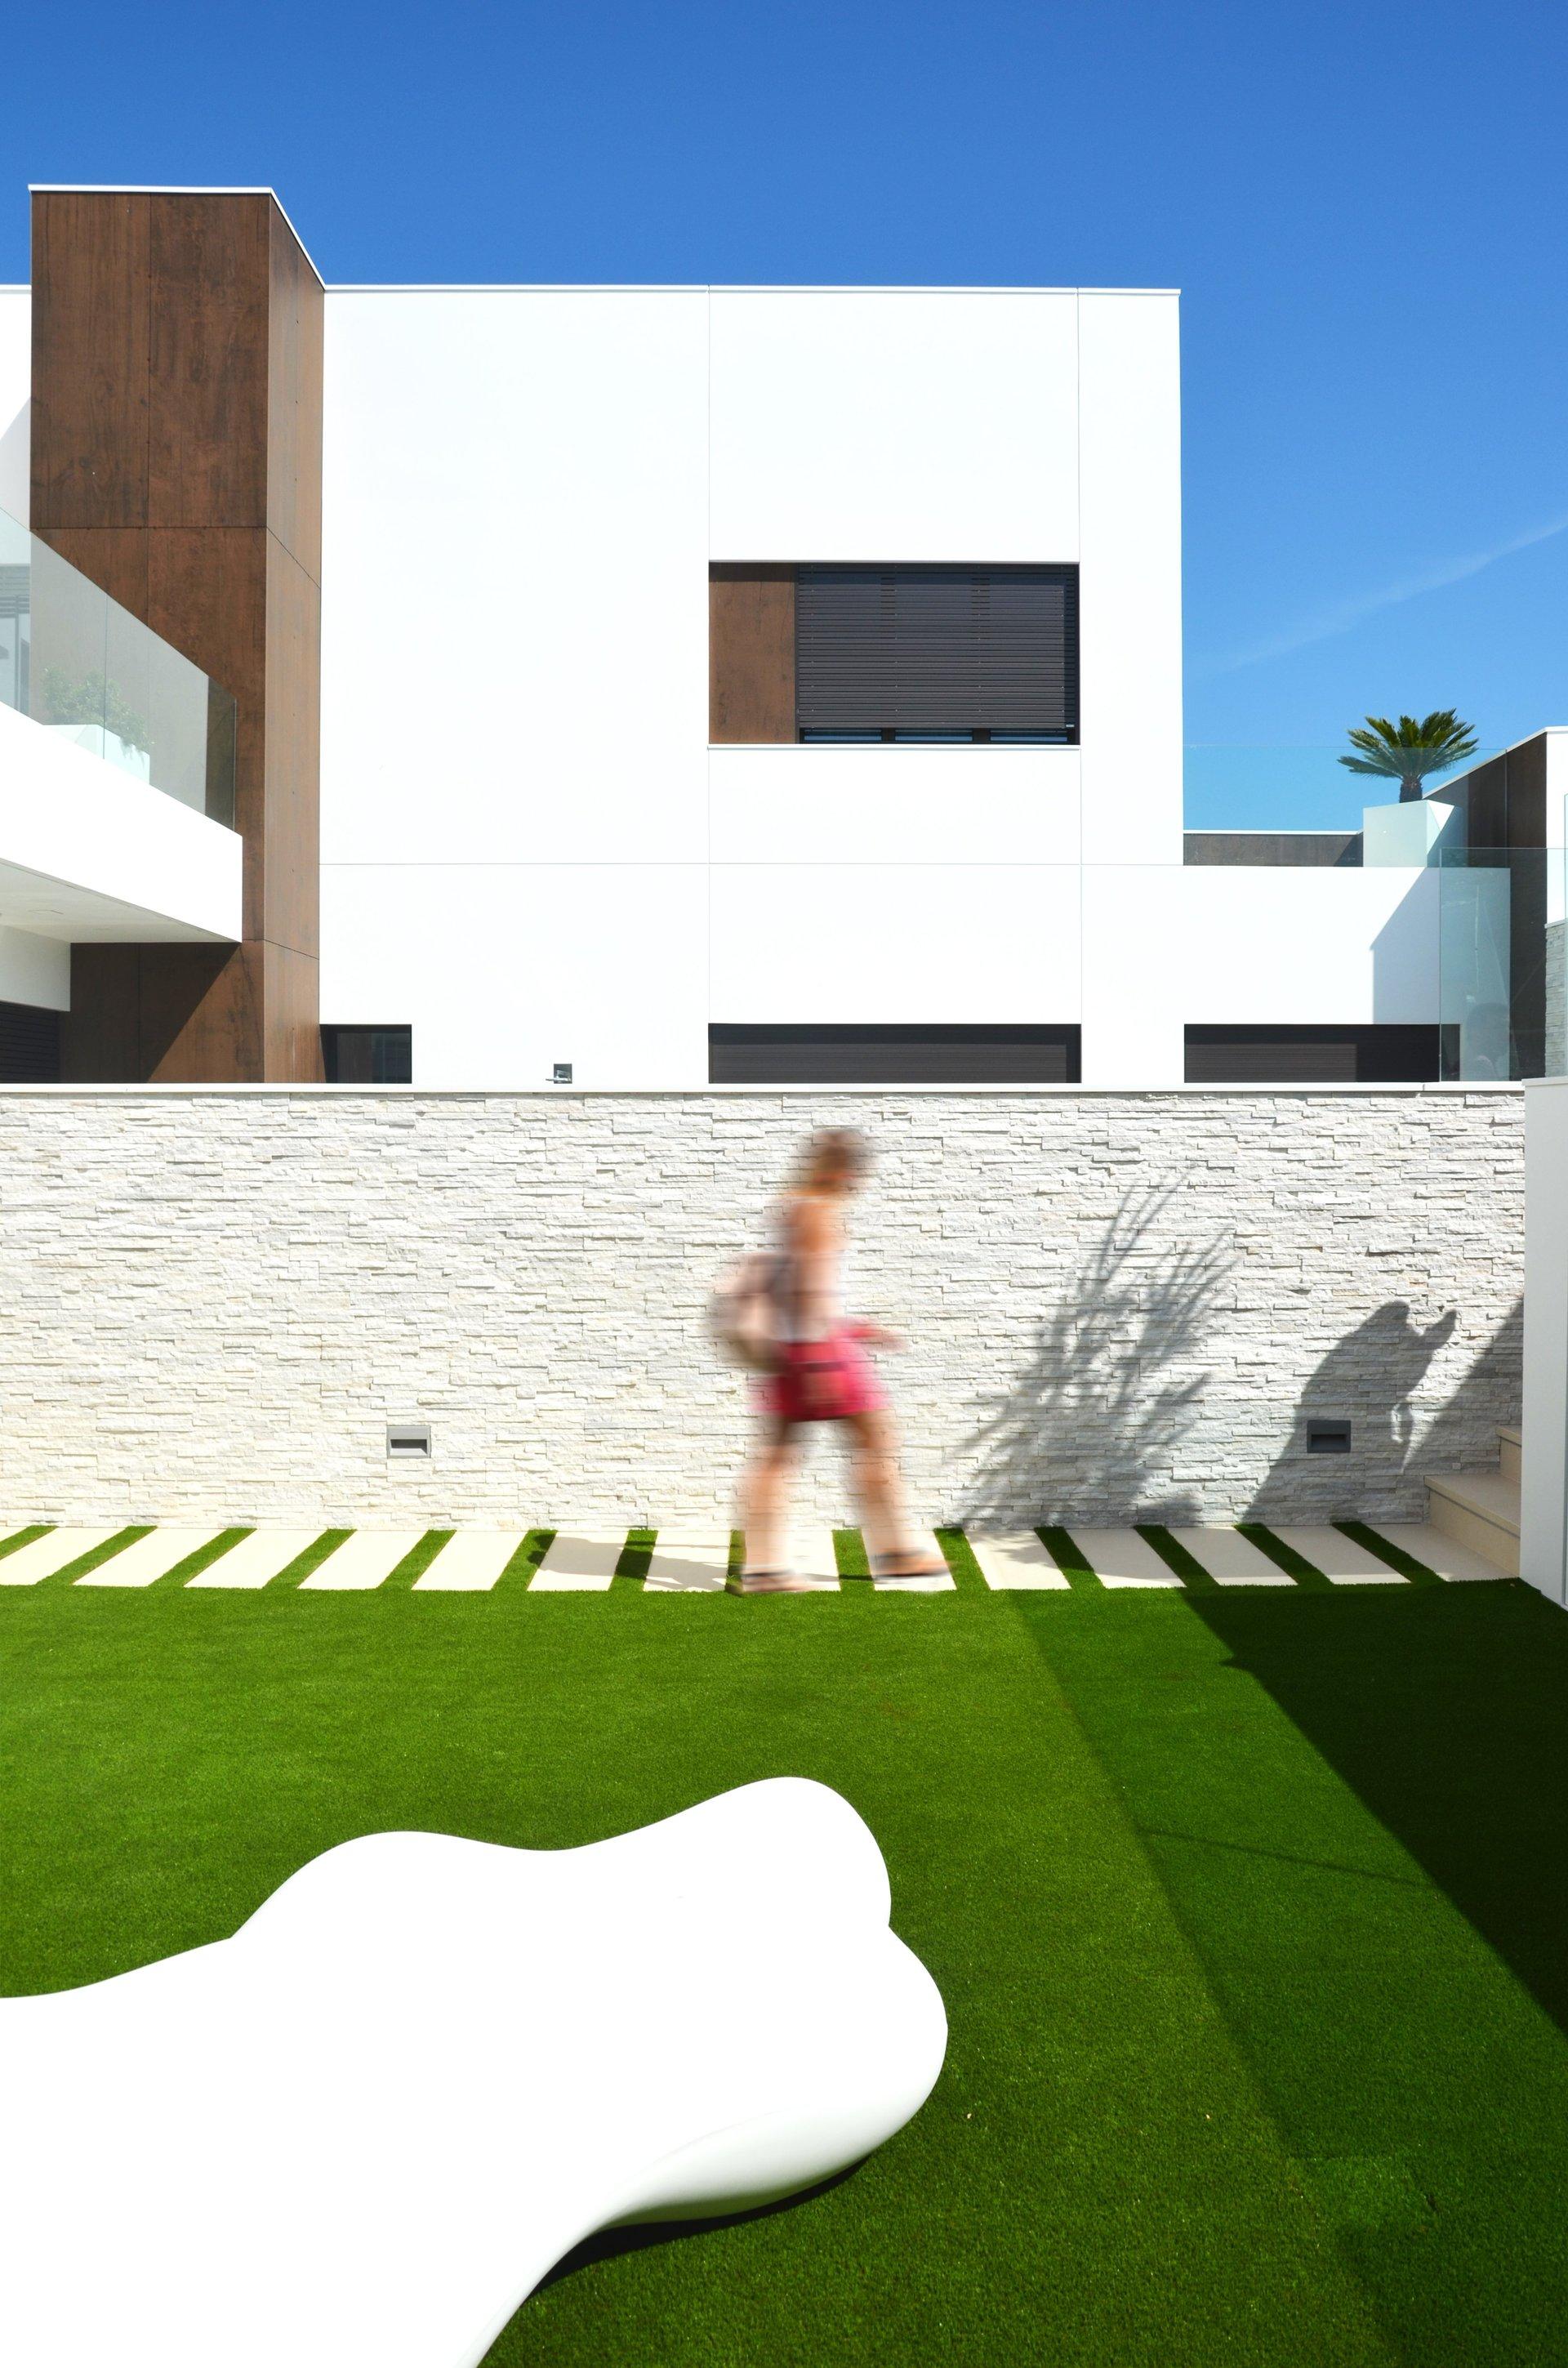 Jardín de diseño en vivienda unifamiliar moderna en Almeria. Arquitectura moderna en Almeria. Interiorismo Almeria.